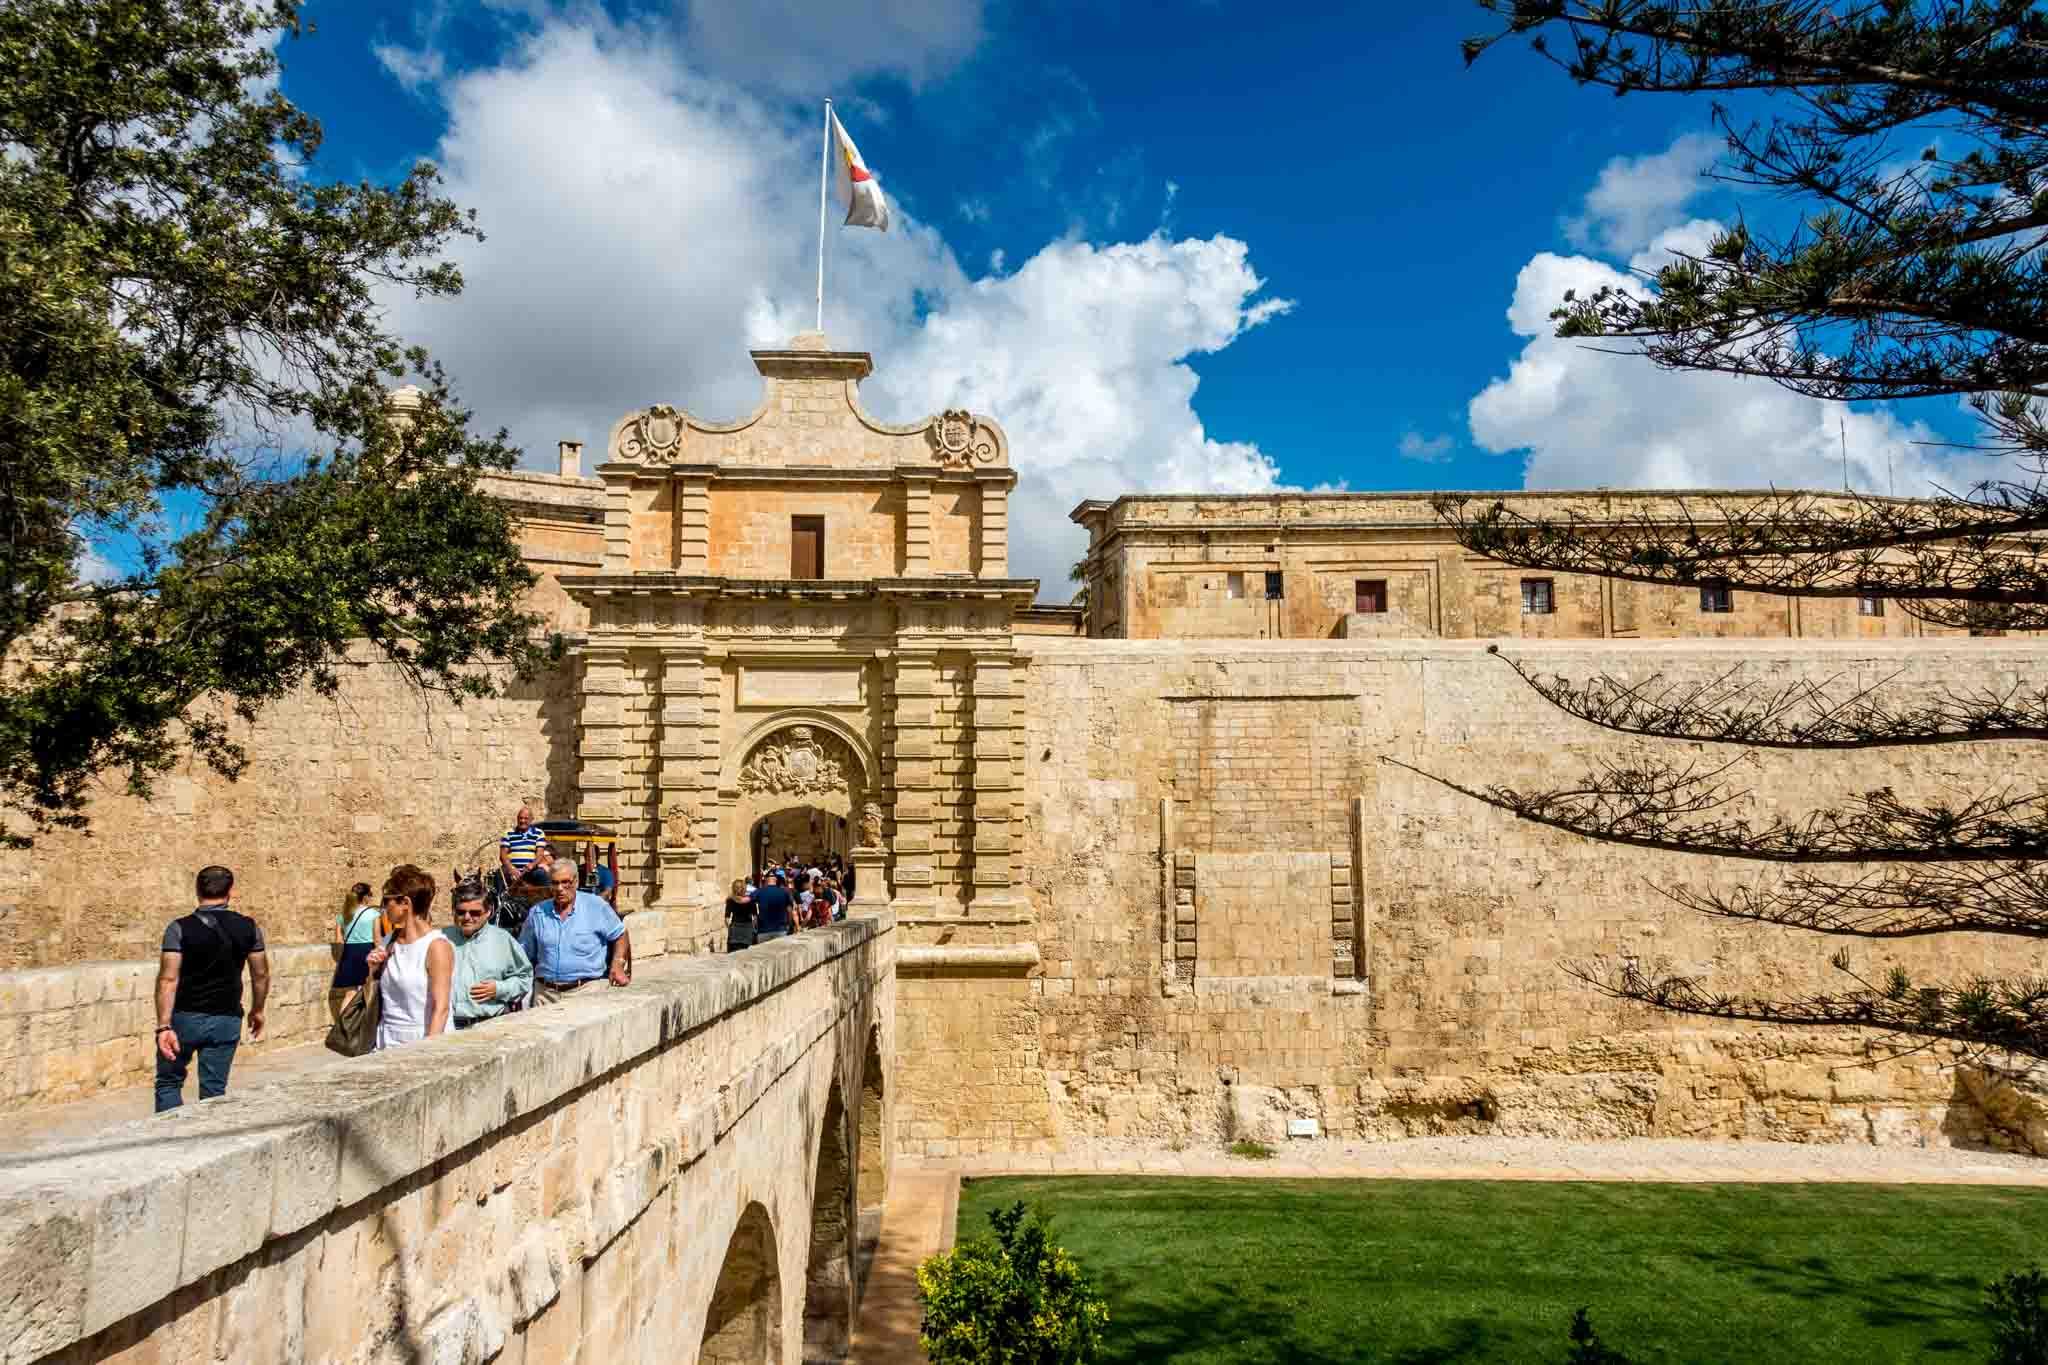 Stone bridge and gate for Mdina, Malta